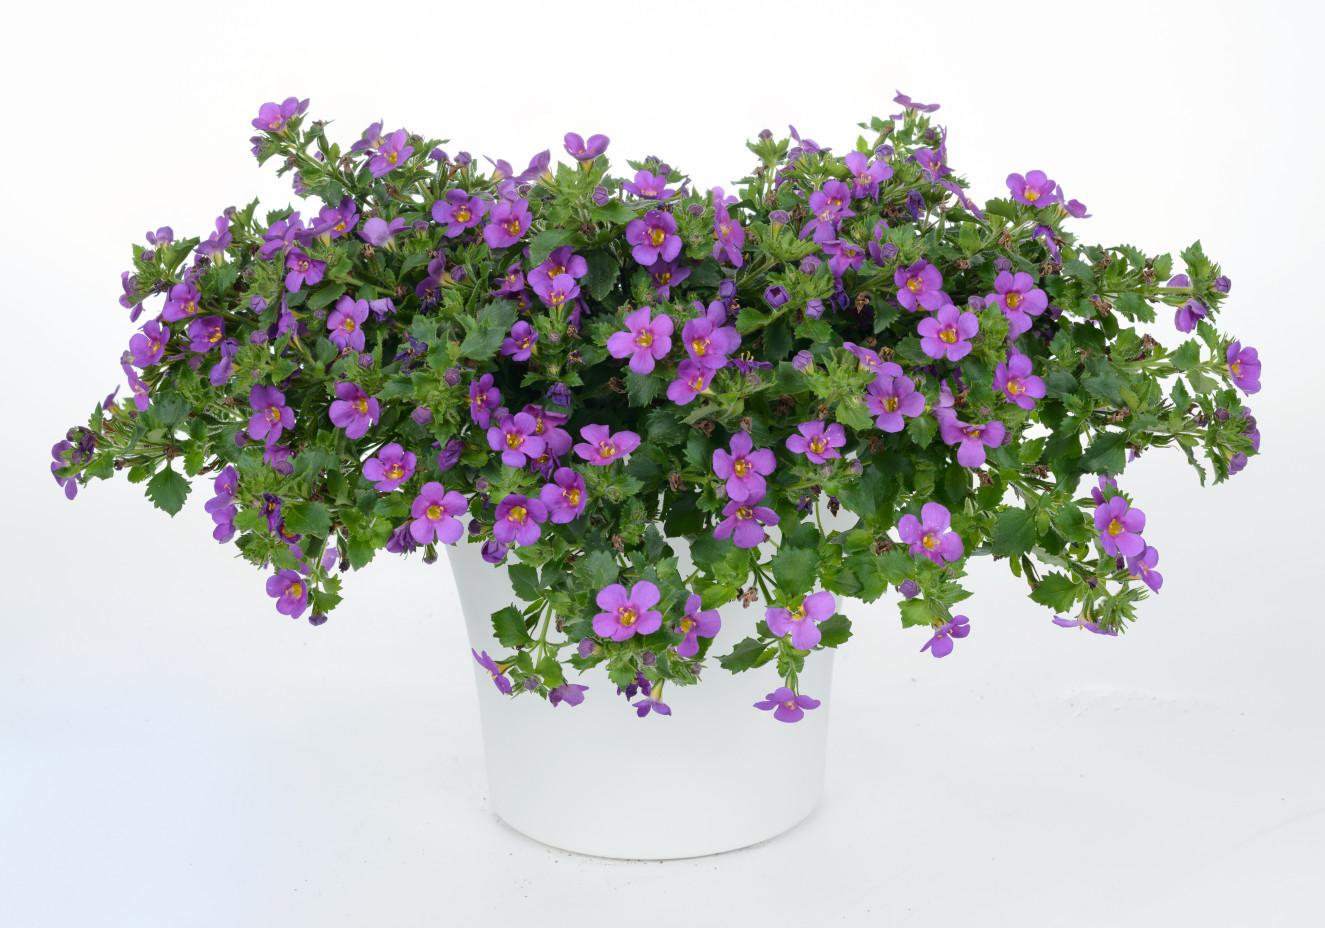 Bacopa Scopia Great Violet Glow-BA-14-2983-693-Edit.jpg